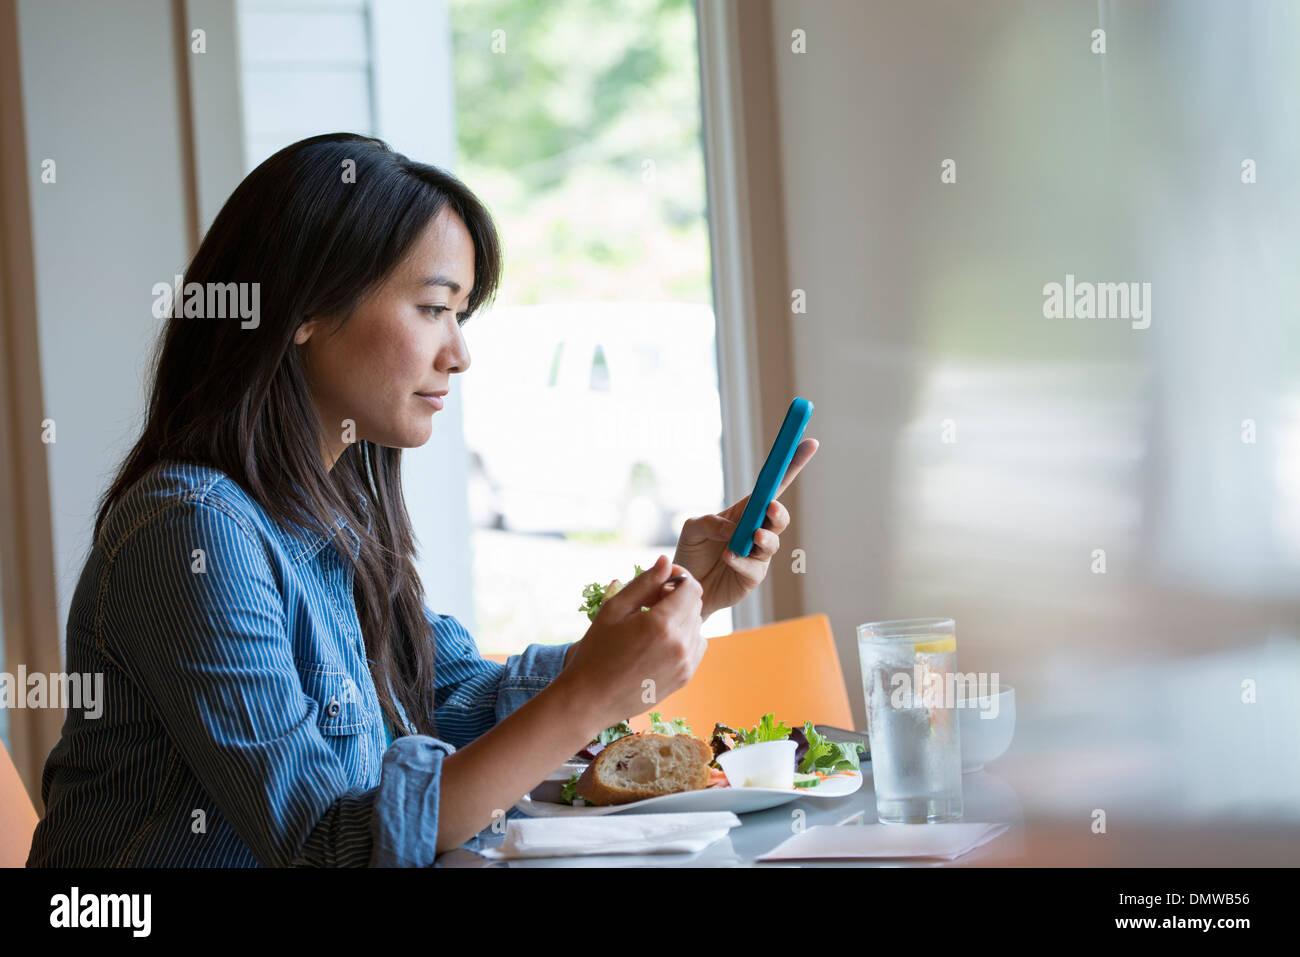 Eine Frau Essen einen Salat und überprüft ihr Telefon. Stockbild